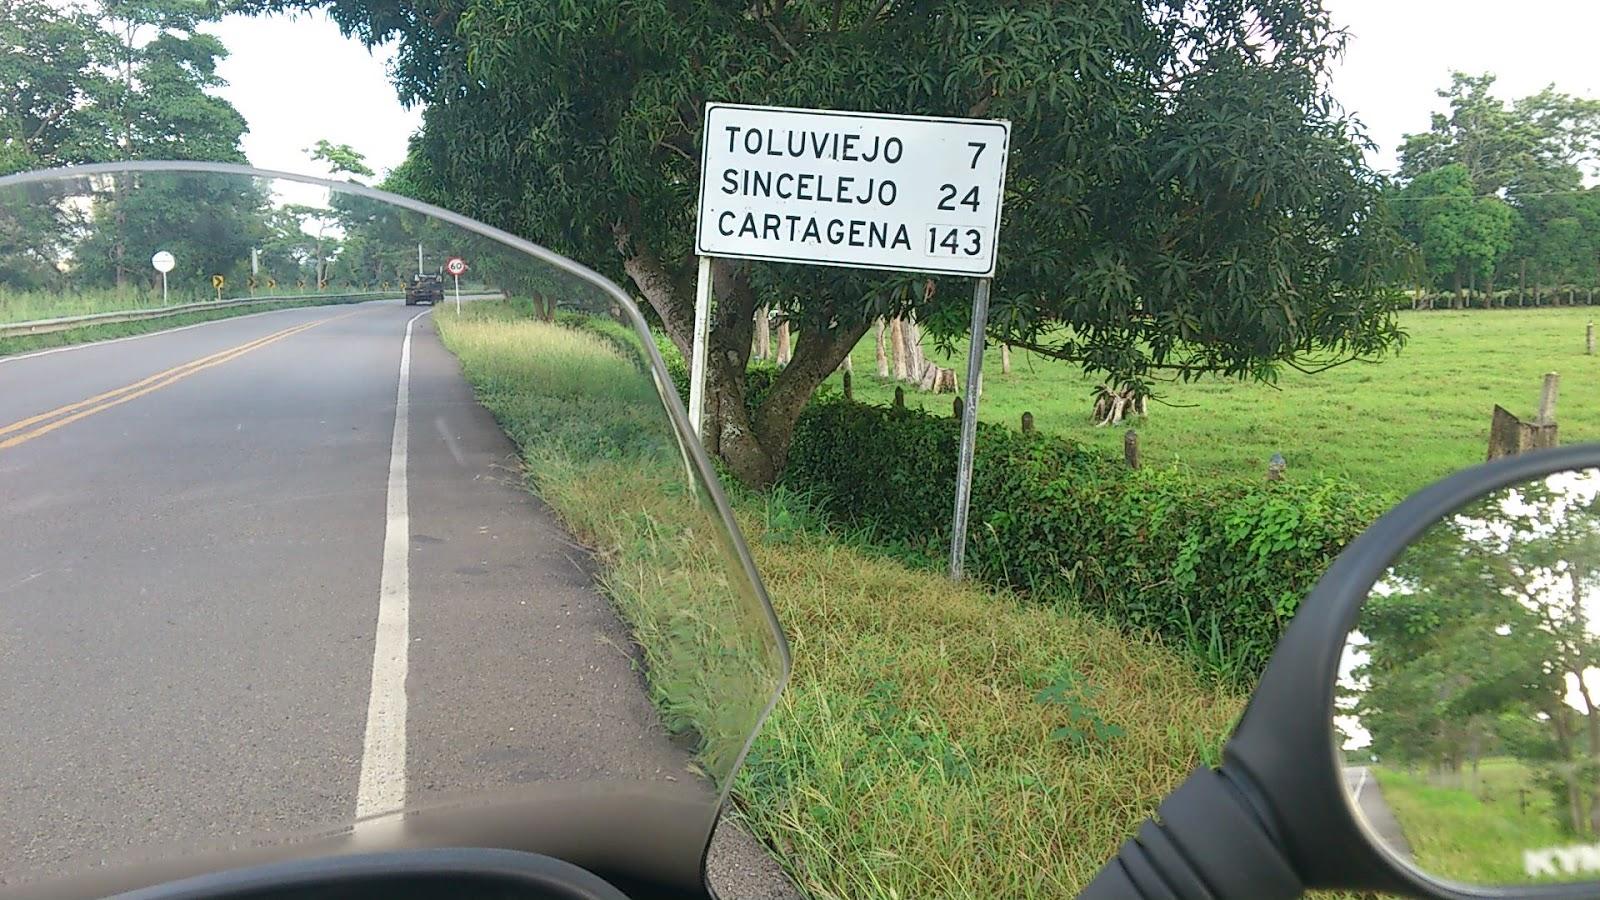 Cove as cartagena el tayrona viaje noviembre 2012 - El tiempo en la gineta albacete ...